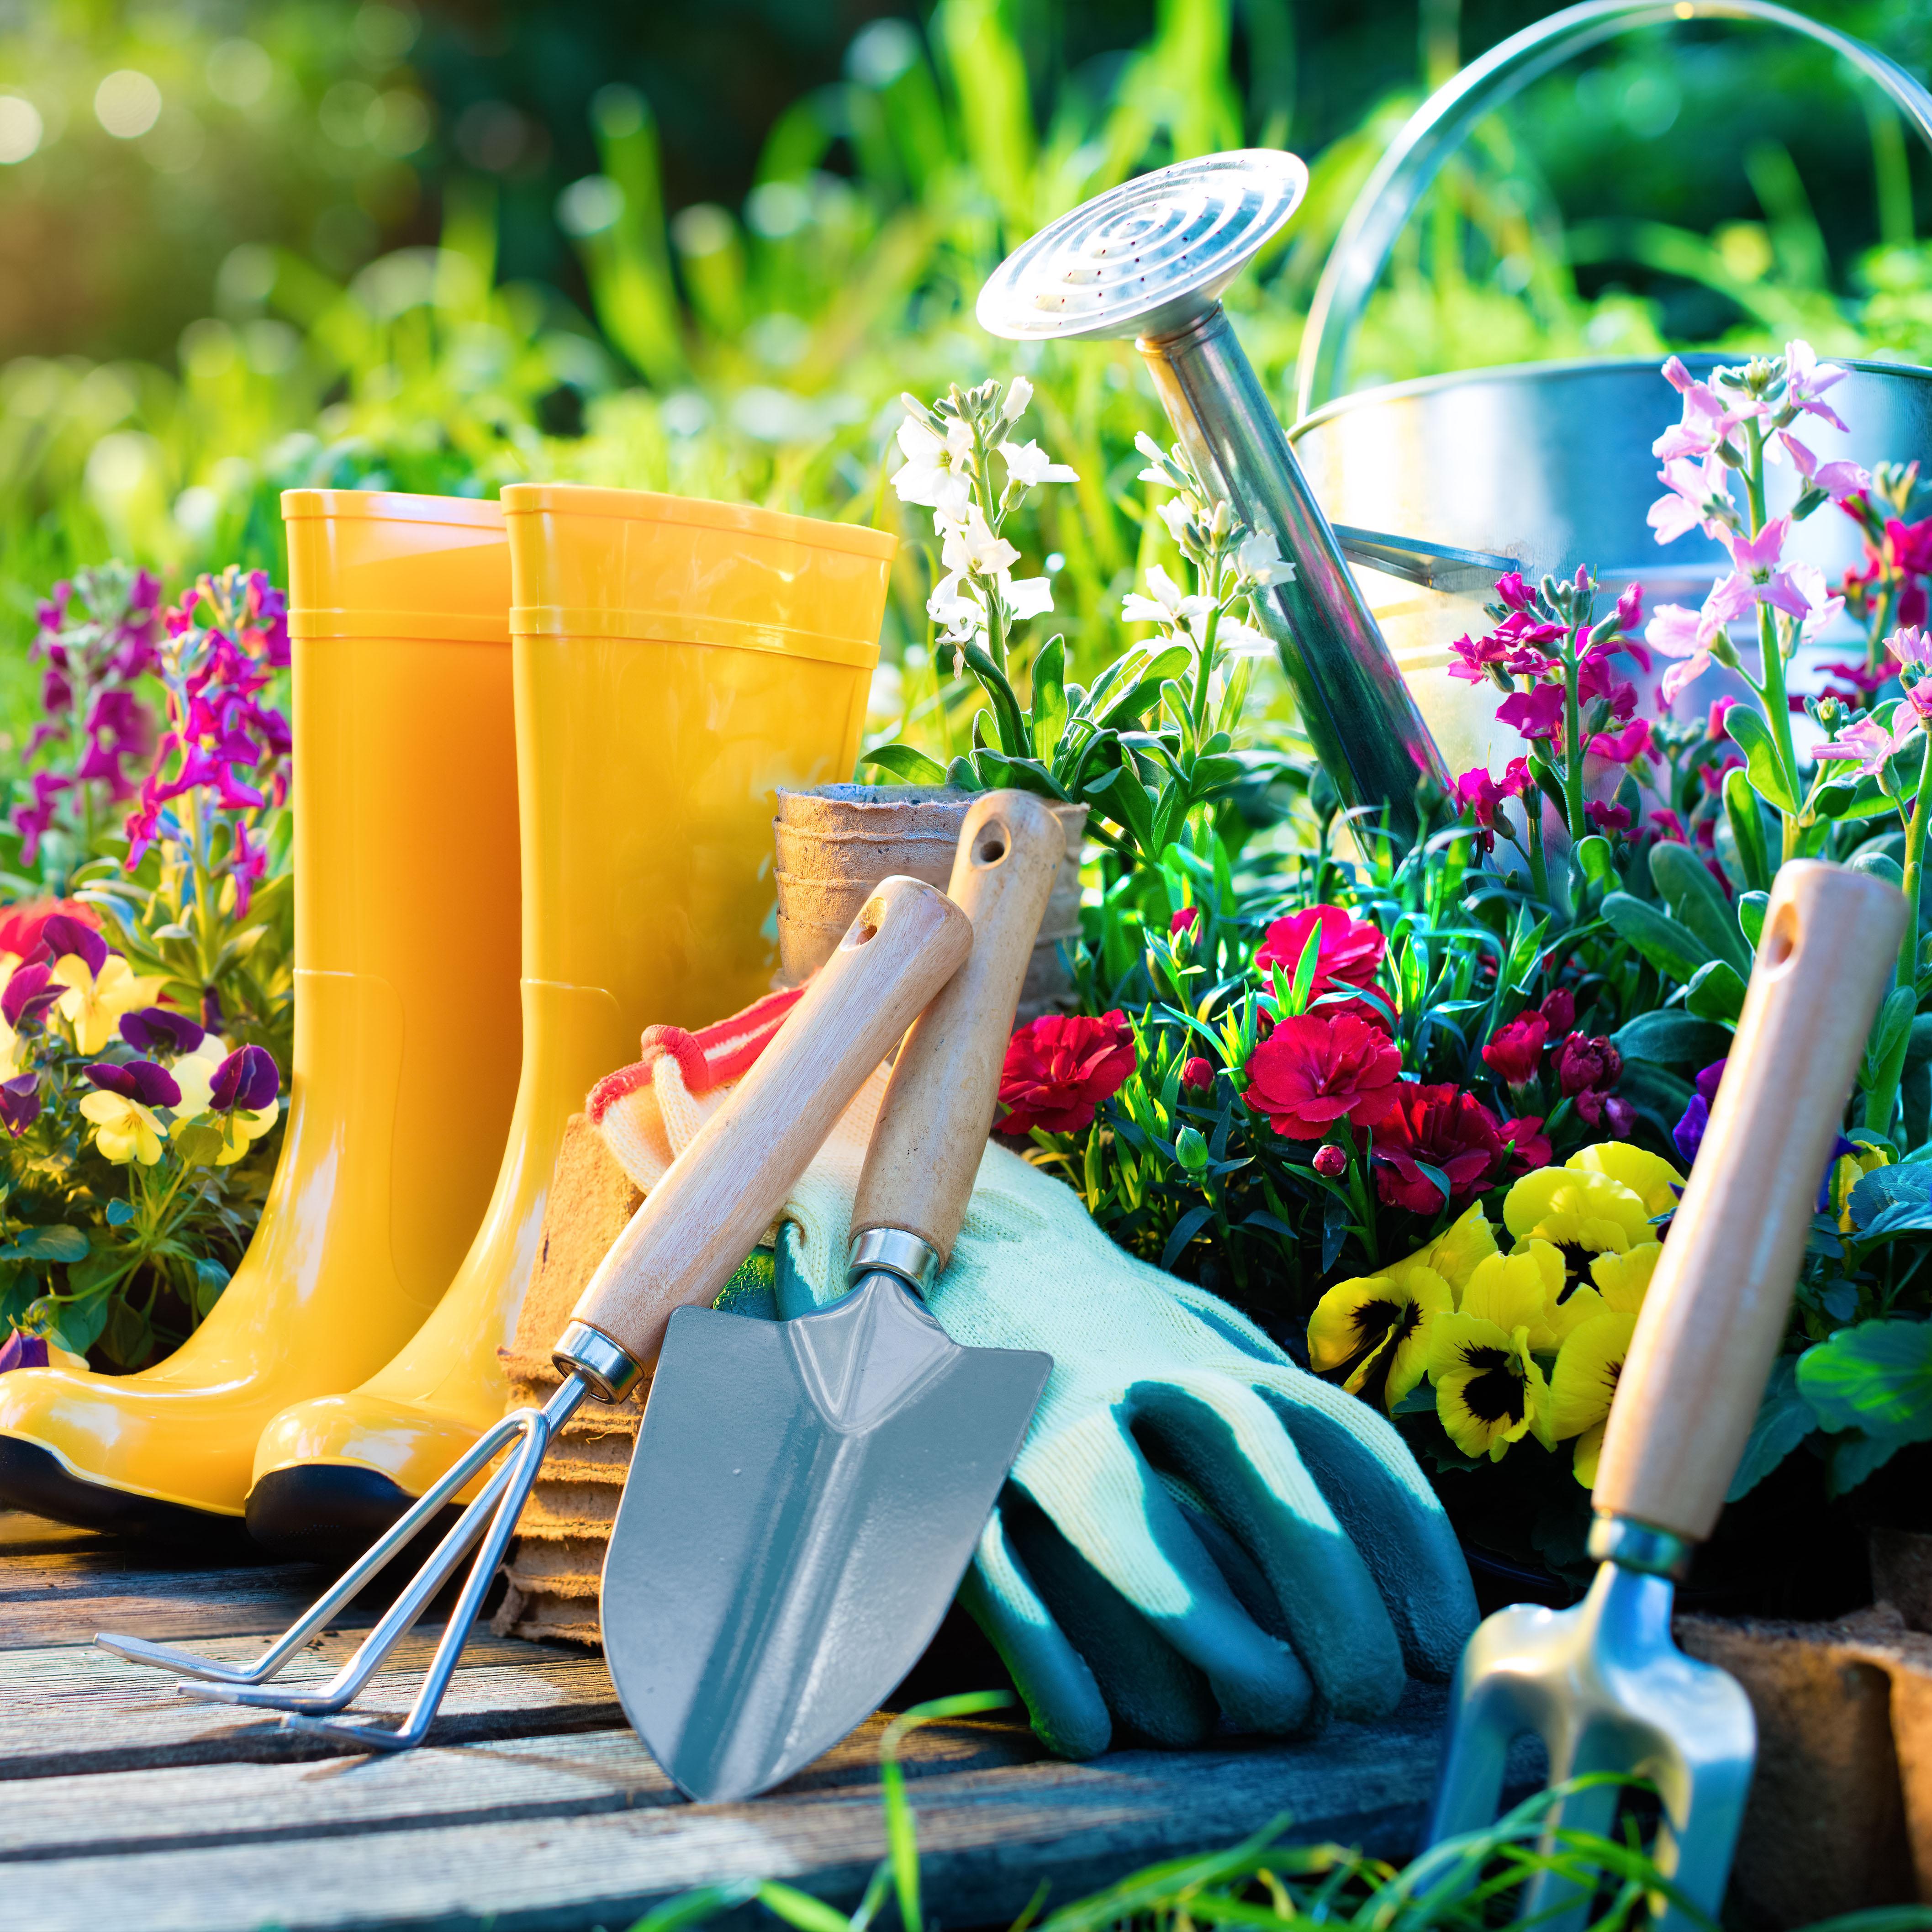 Blumen mit Werkzeug und Gummistiefeln im Garten